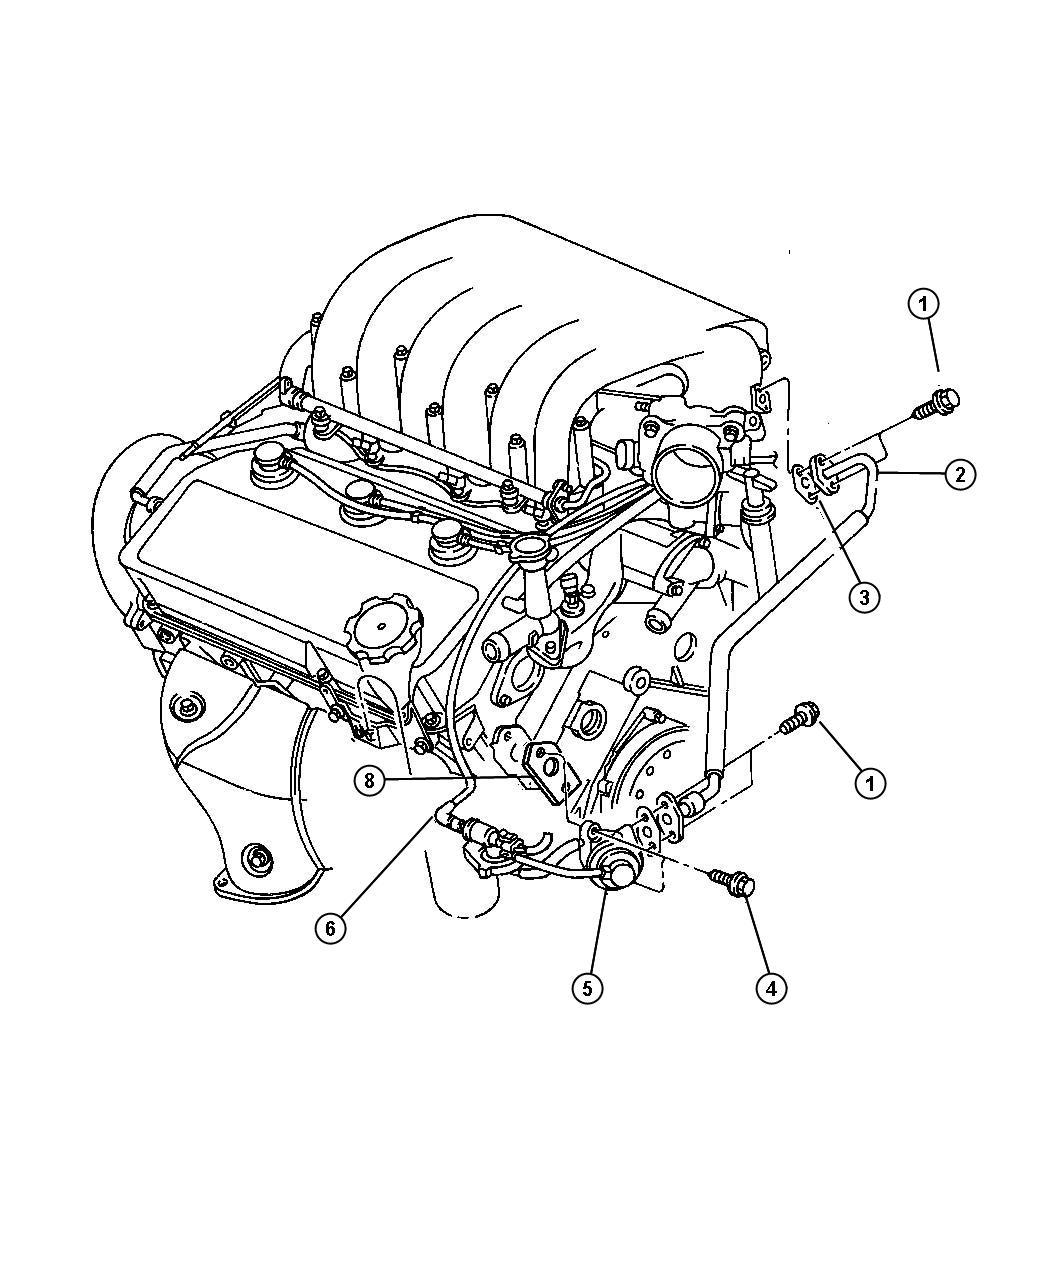 Chrysler Sebring 2 5l V6 Sohc 24v Smpi 4 Speed